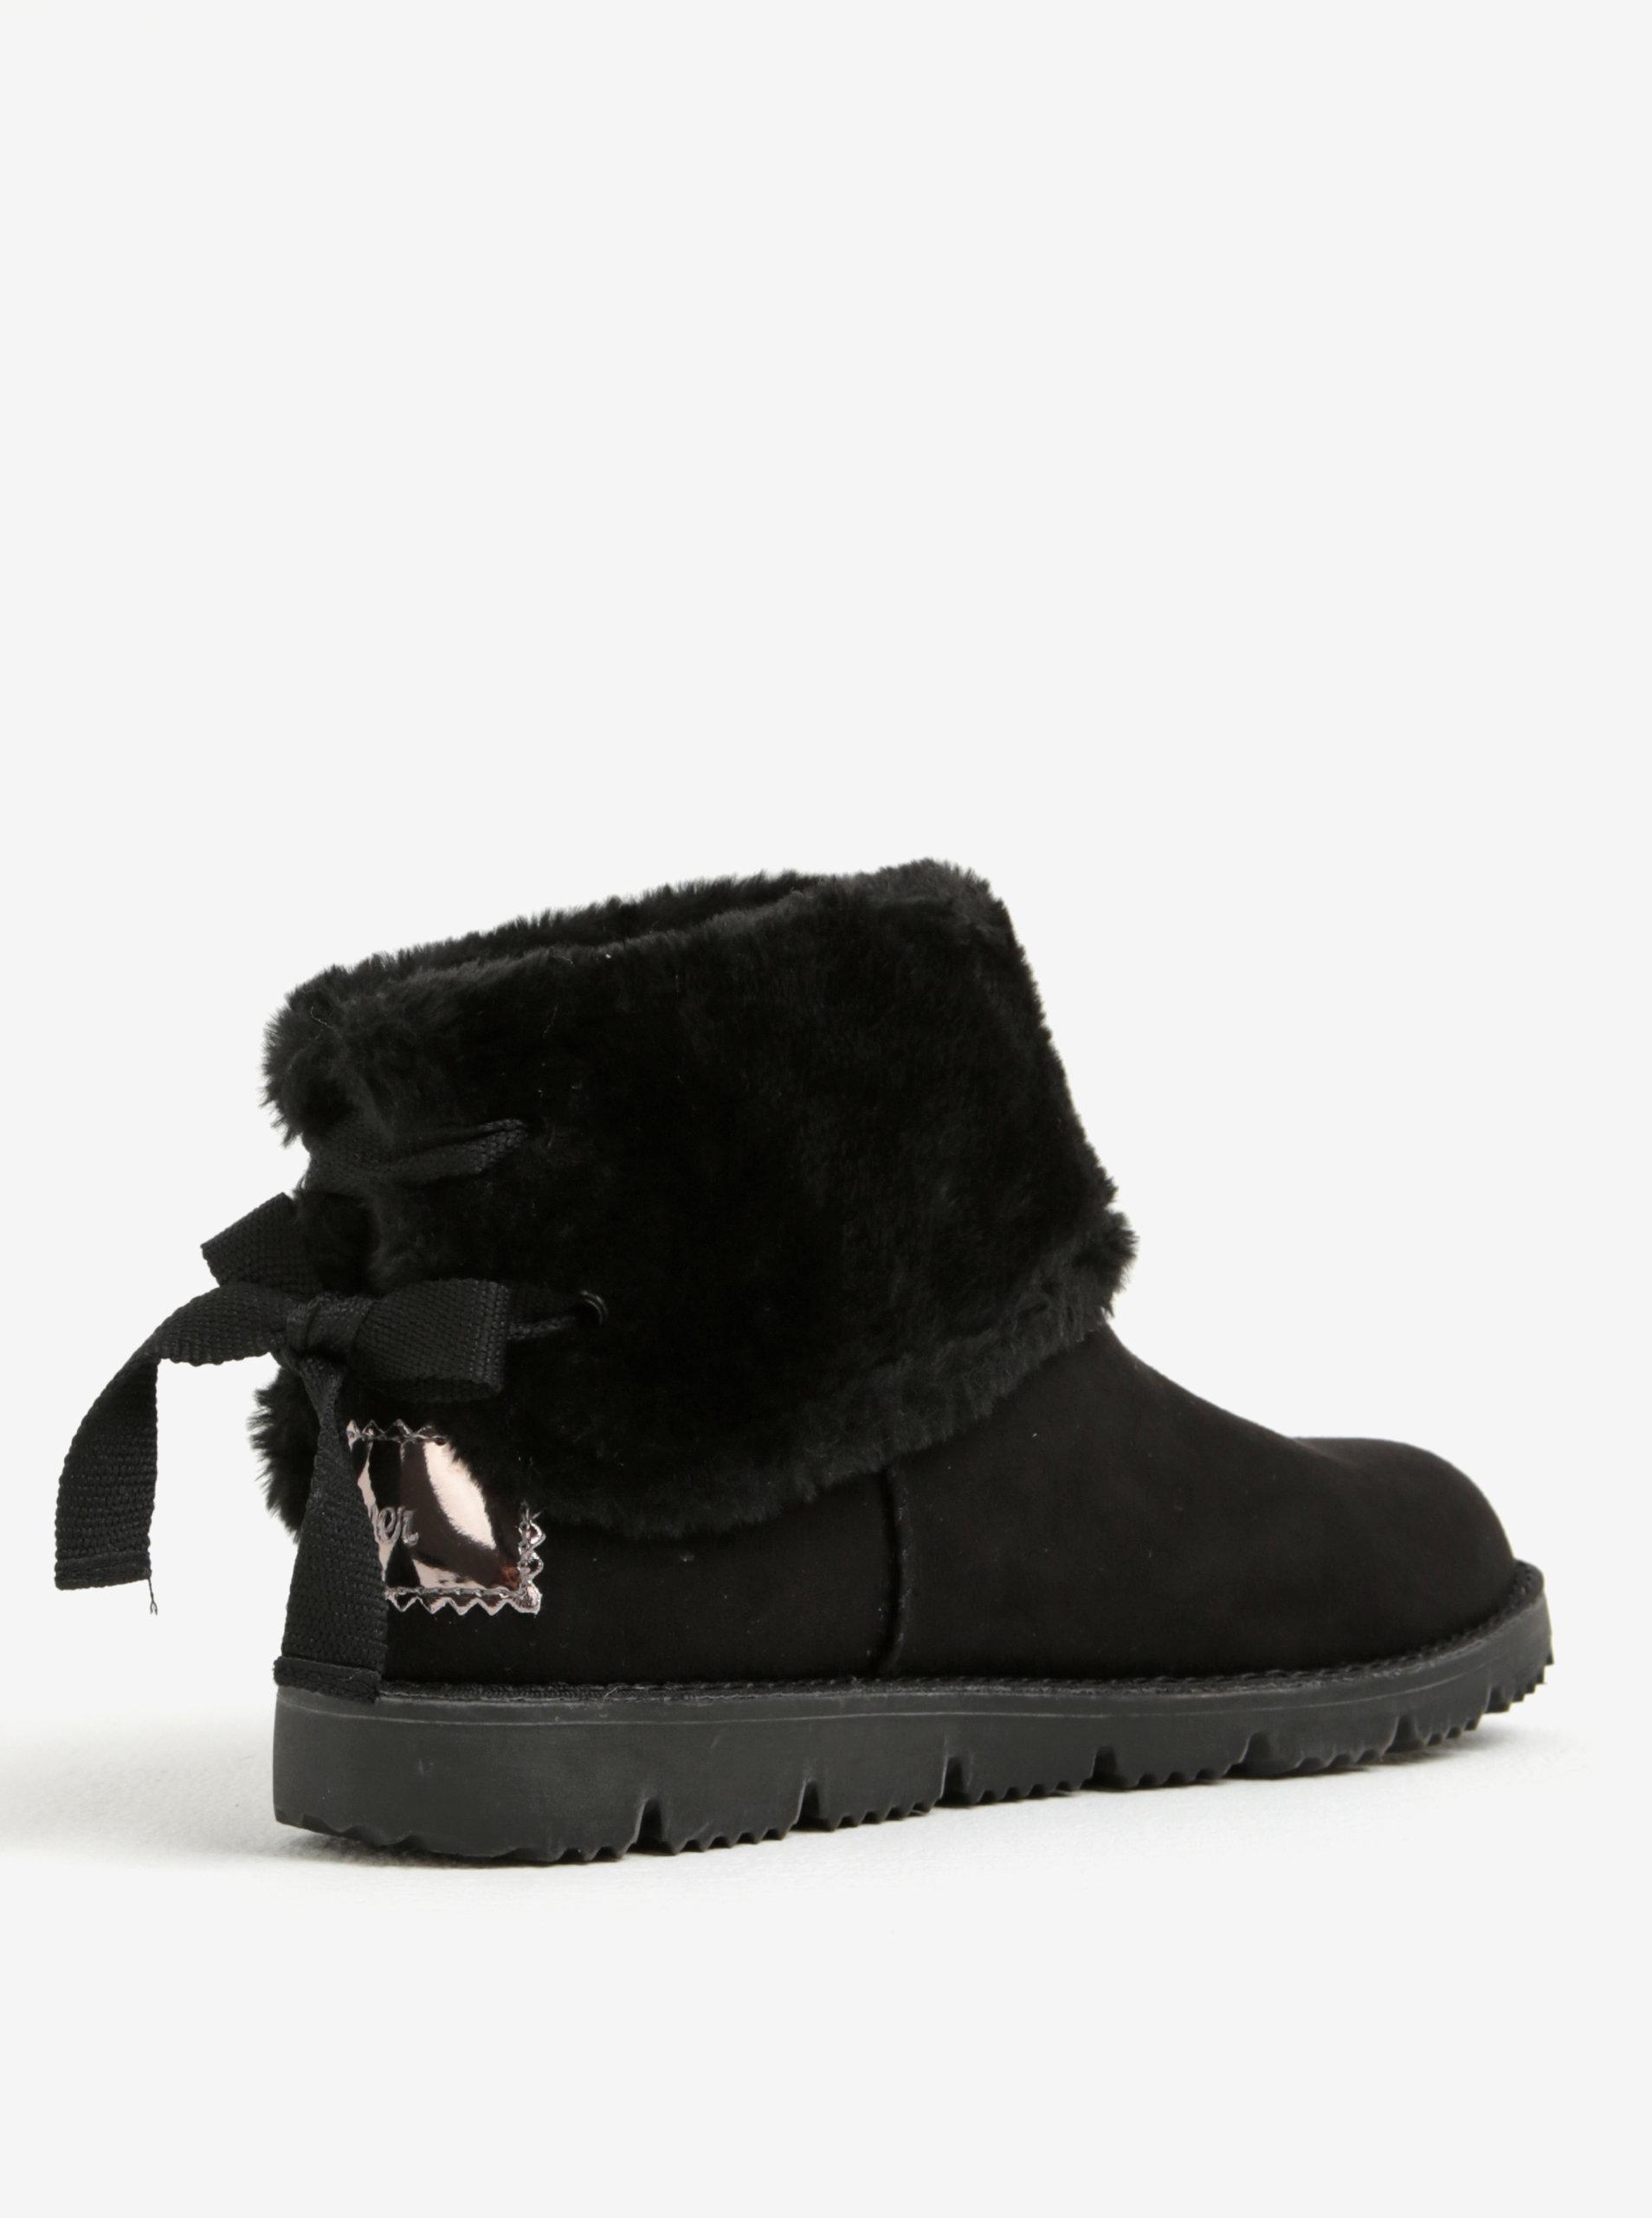 250830f529 Čierne dámske zimné členkové topánky v semišovej úprave s.Oliver ...